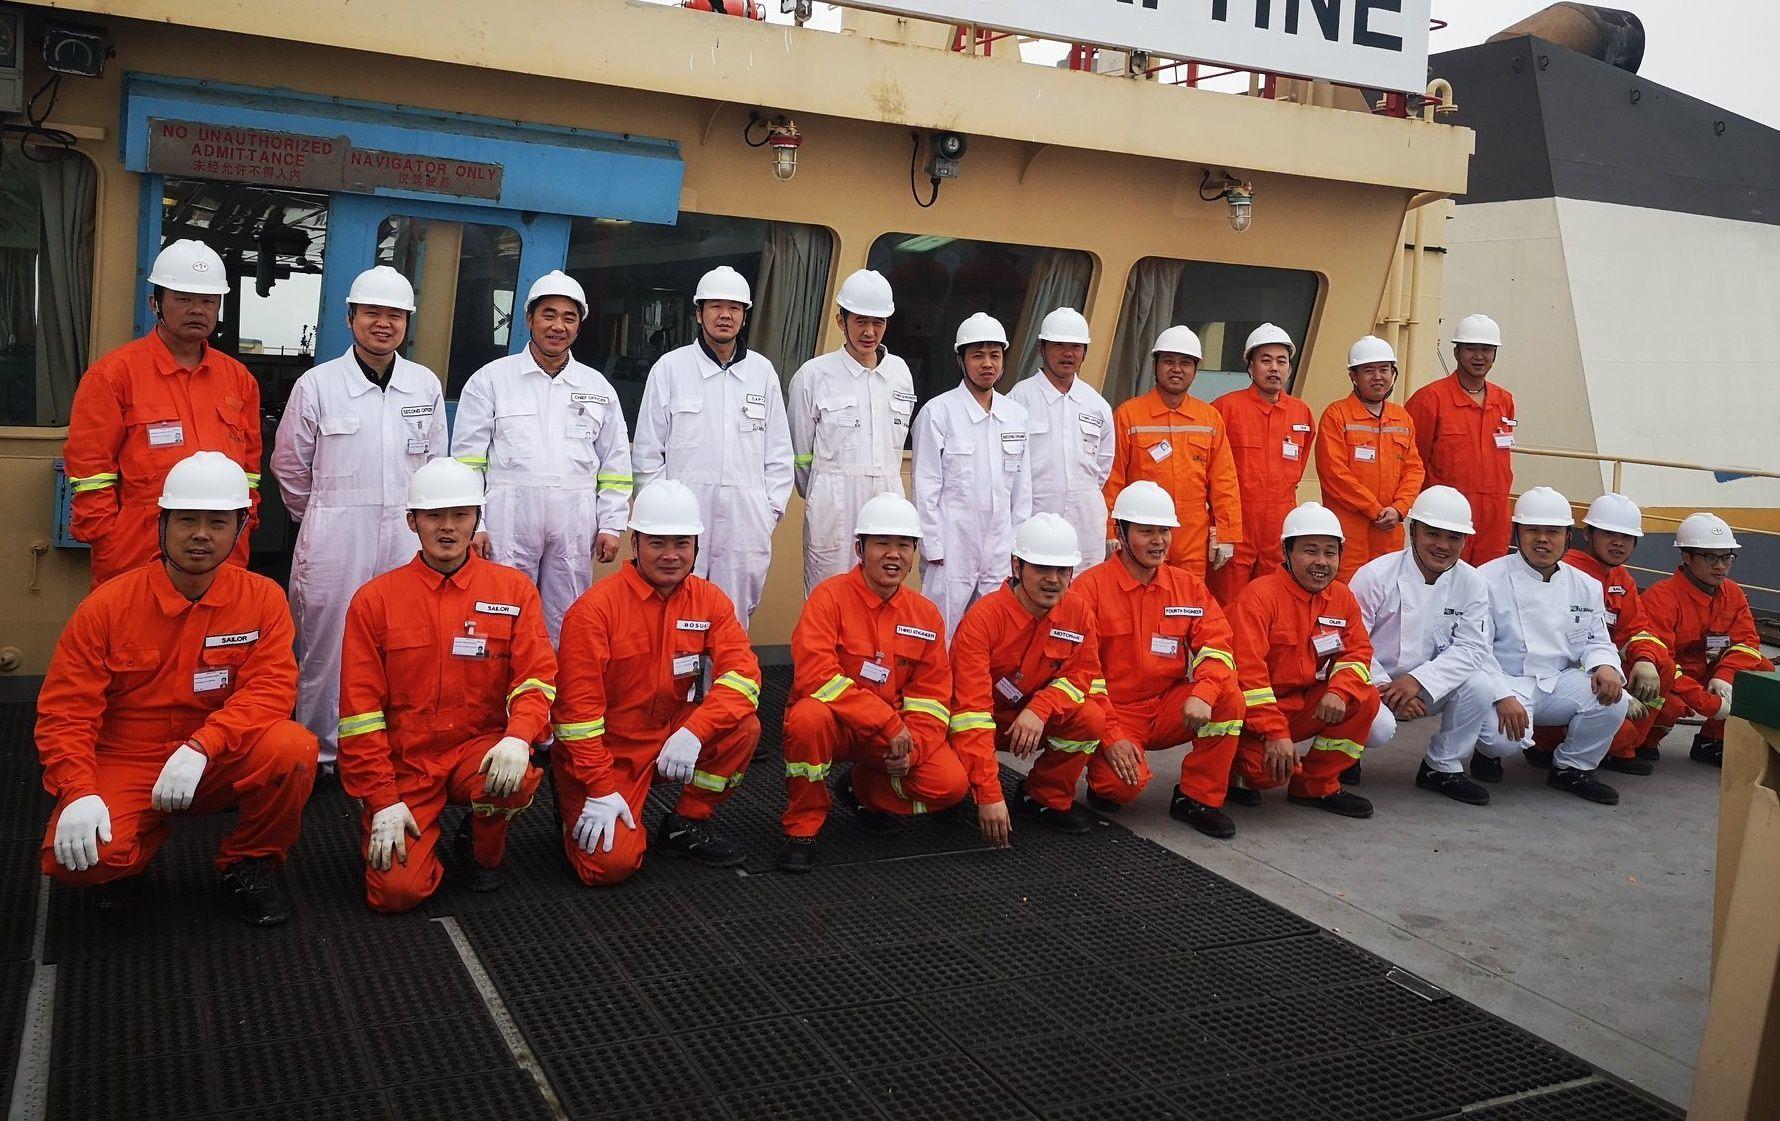 Vagas marítimas urgentes para navios petroleiro, gaseiro e químico anunciadas nesta tarde de hoje (01) pela multinacional offshore V.Ships